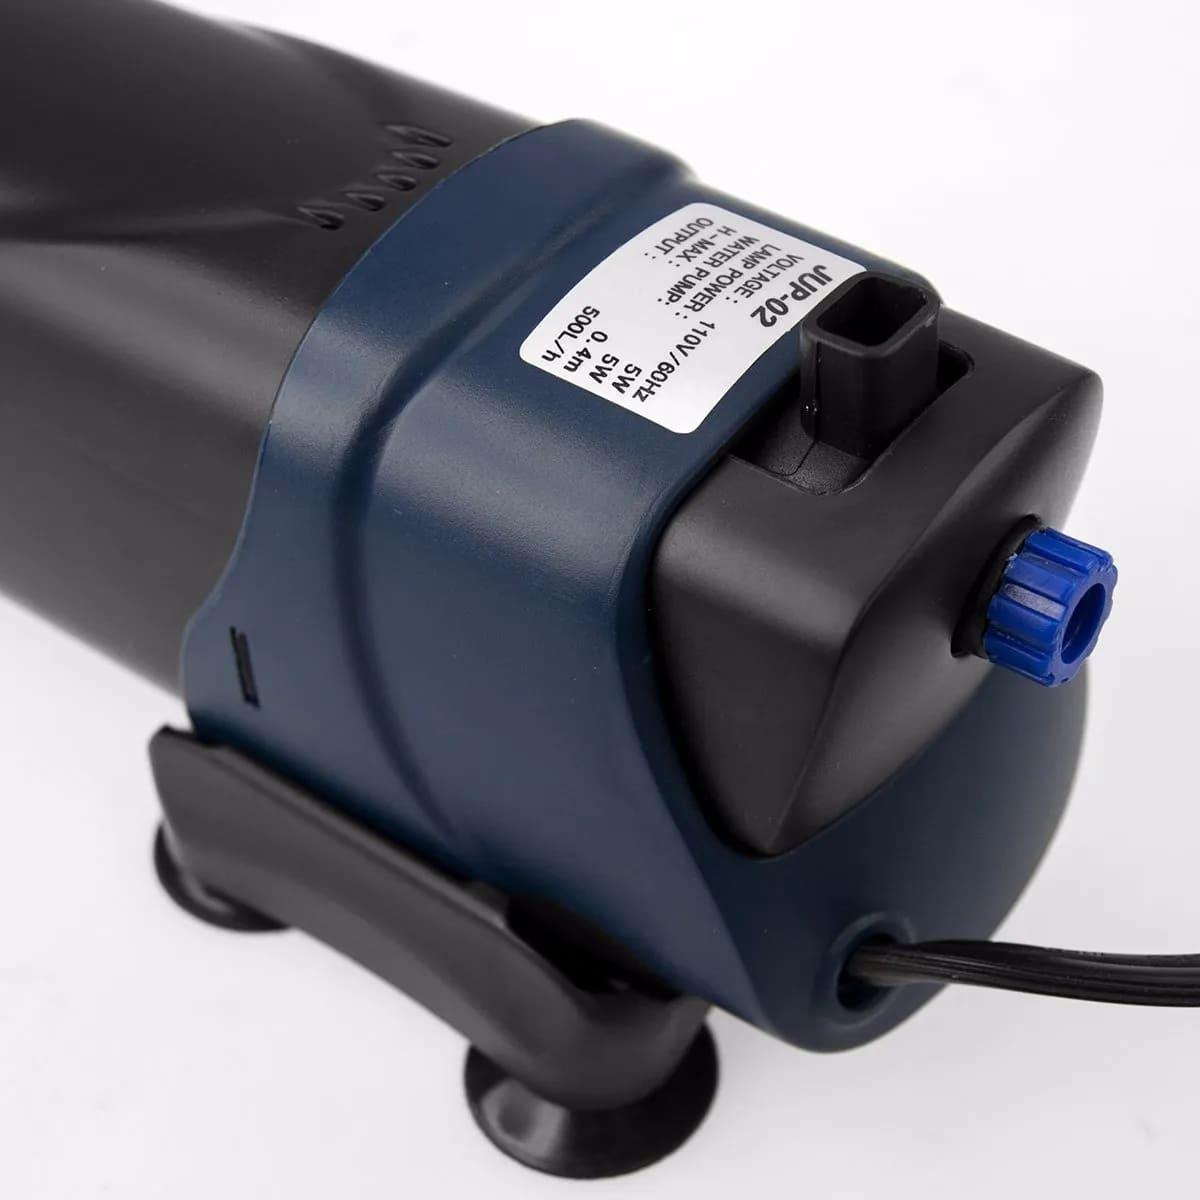 Filtro Interno para Aquários Sunsun Jup-02 Uv 5w 500l/h 110v